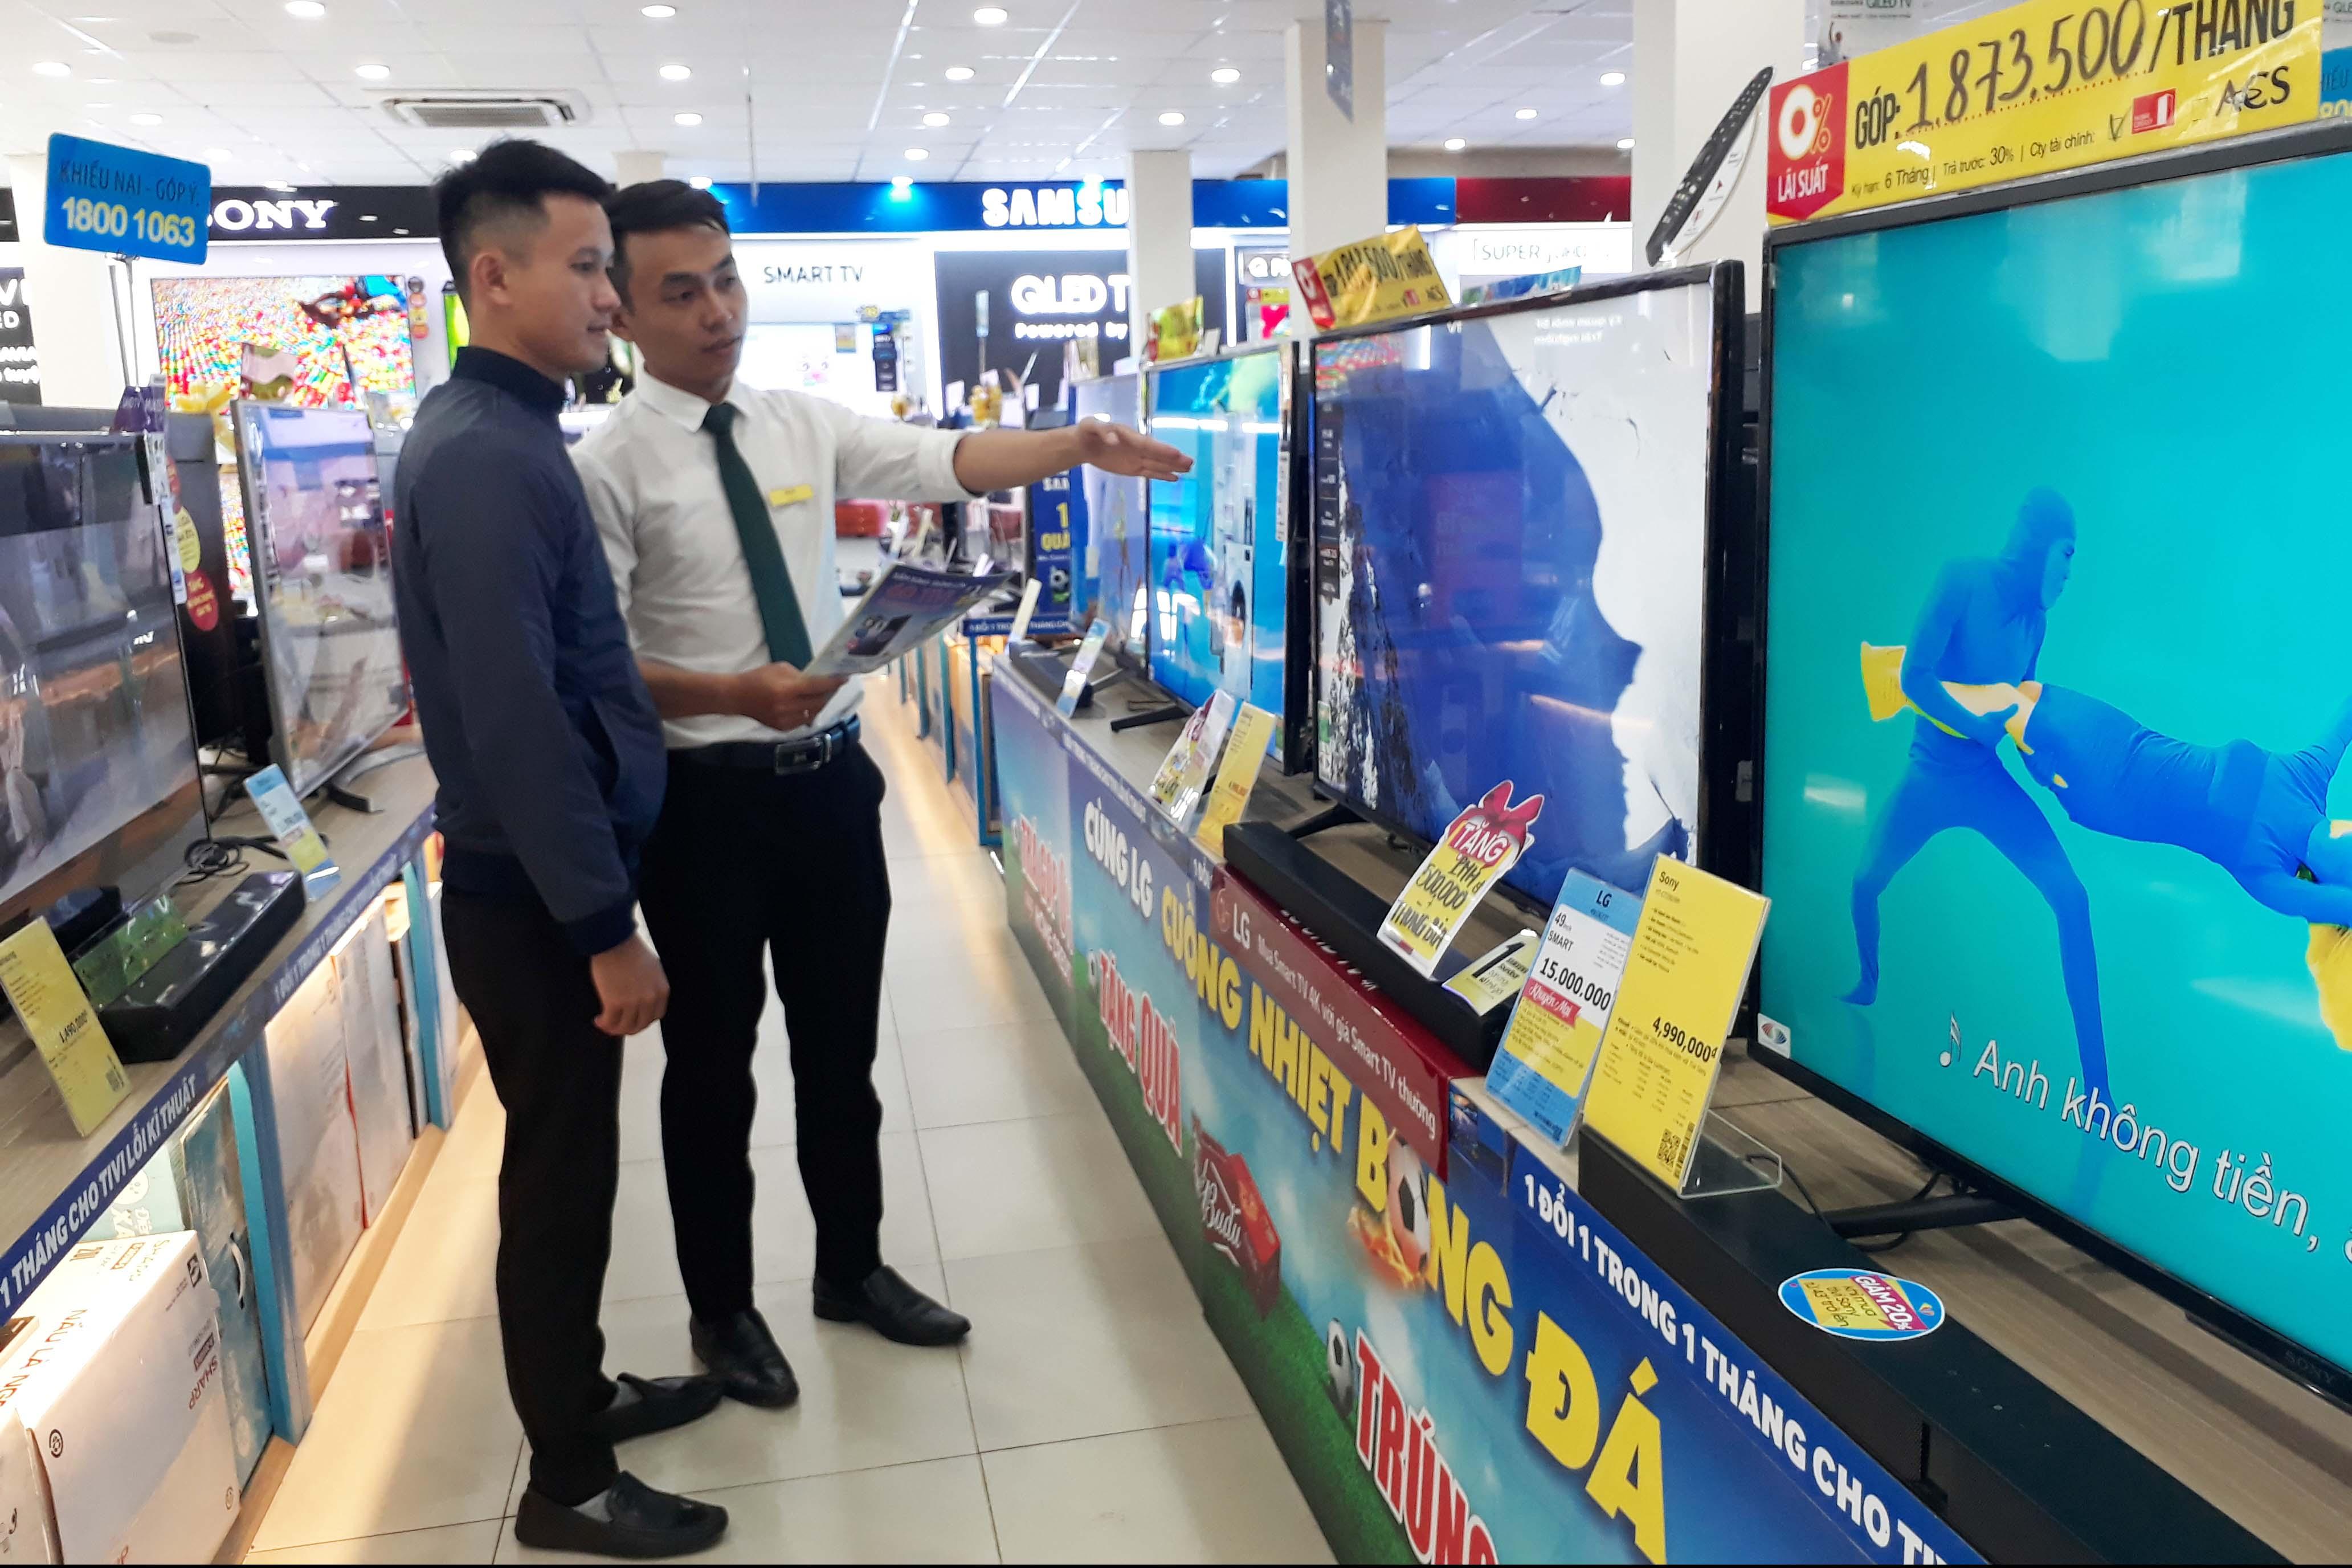 TP Hồ Chí Minh sẵn sàng sôi động cùng worldcup 2018